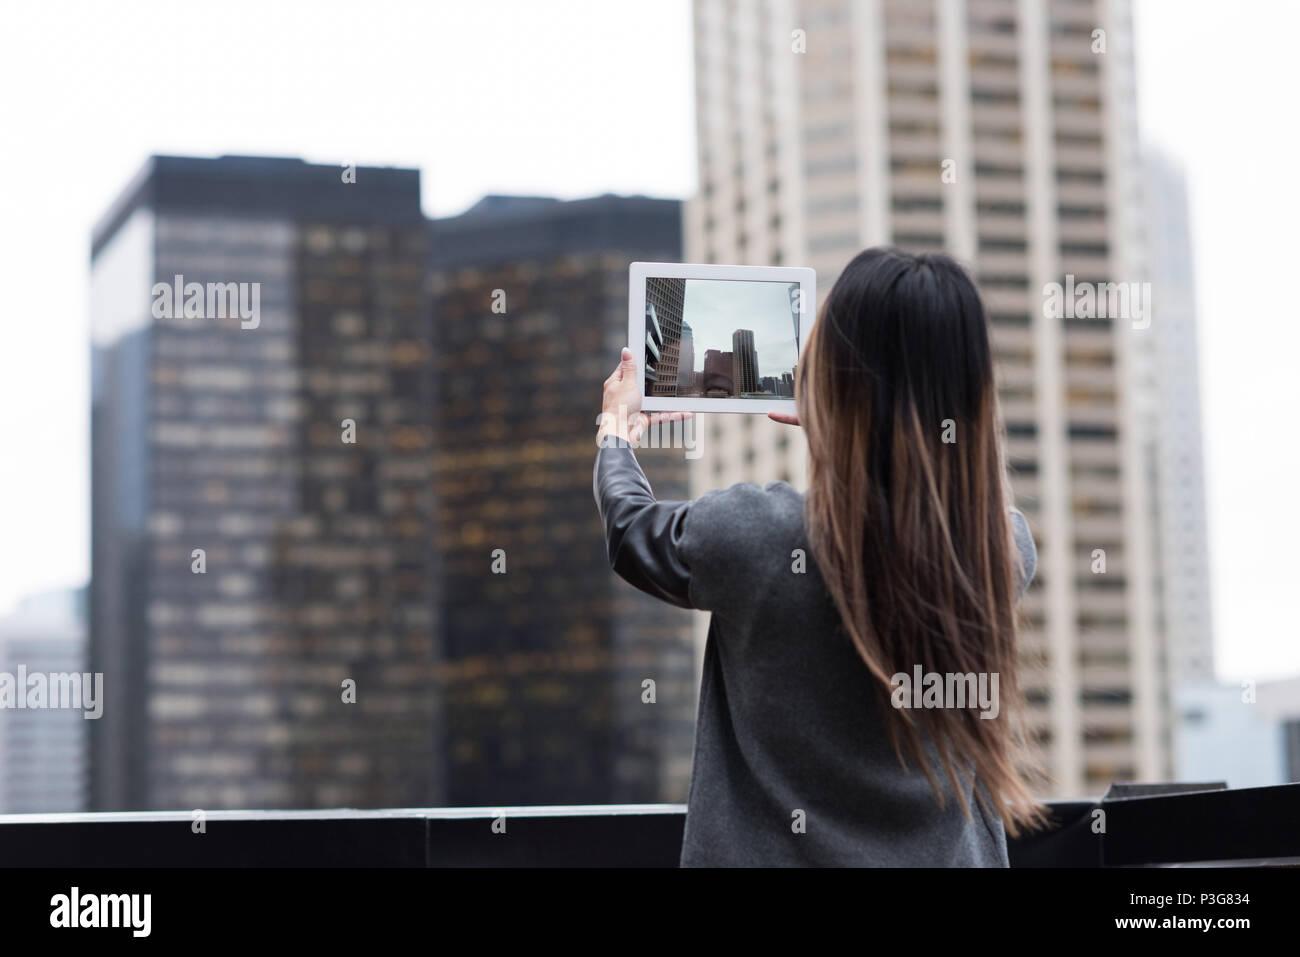 Businesswoman photographier avec son gratte-ciel tablet Photo Stock